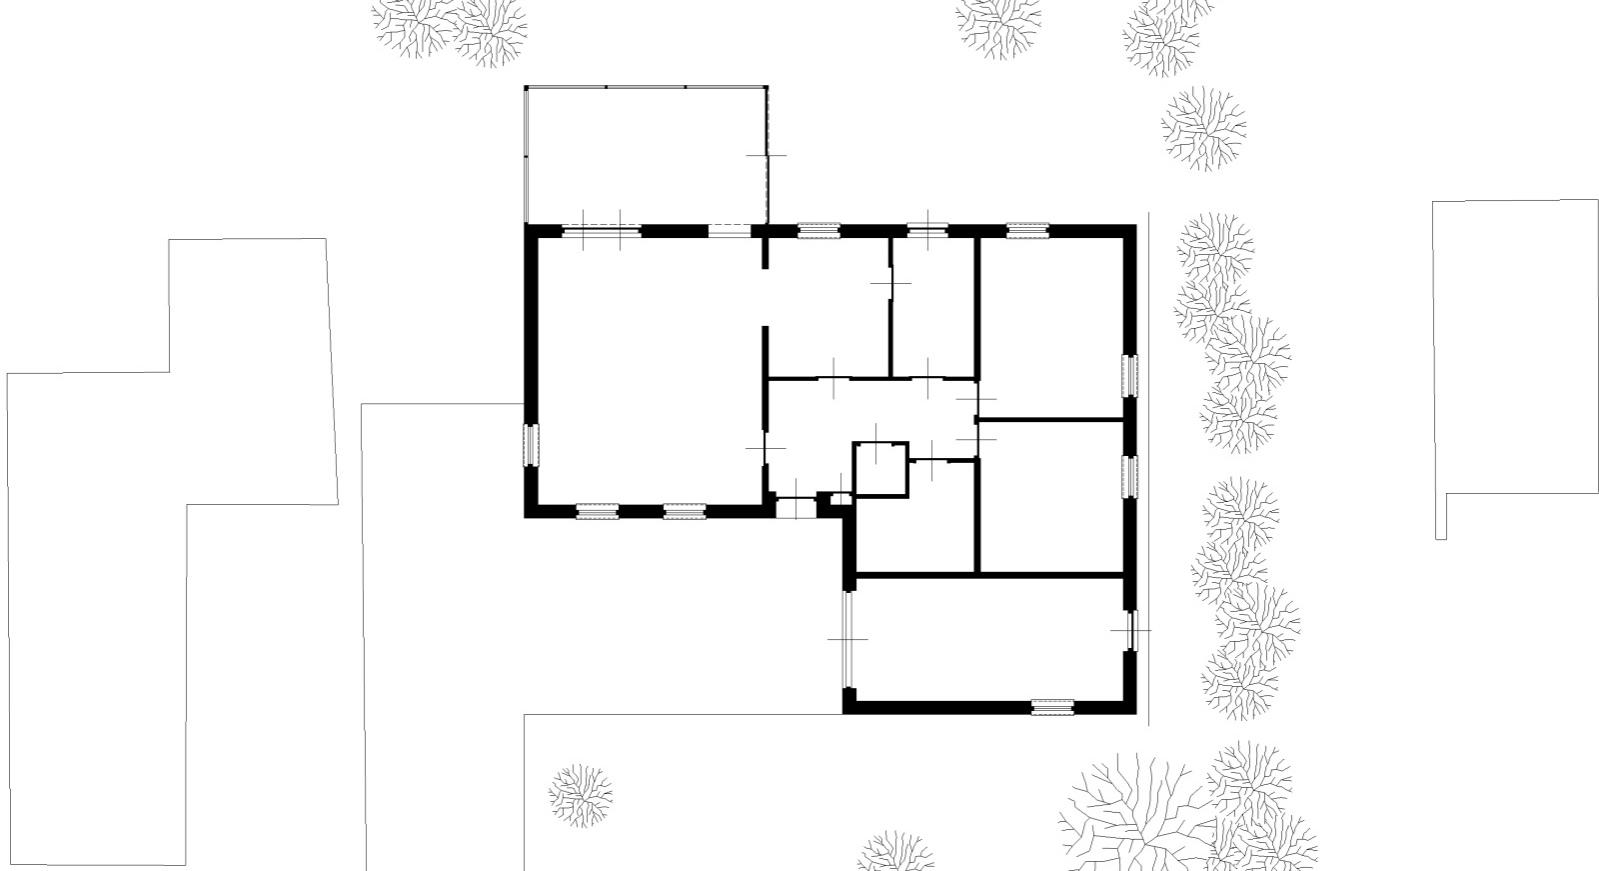 plattegrond bestaande bungalow